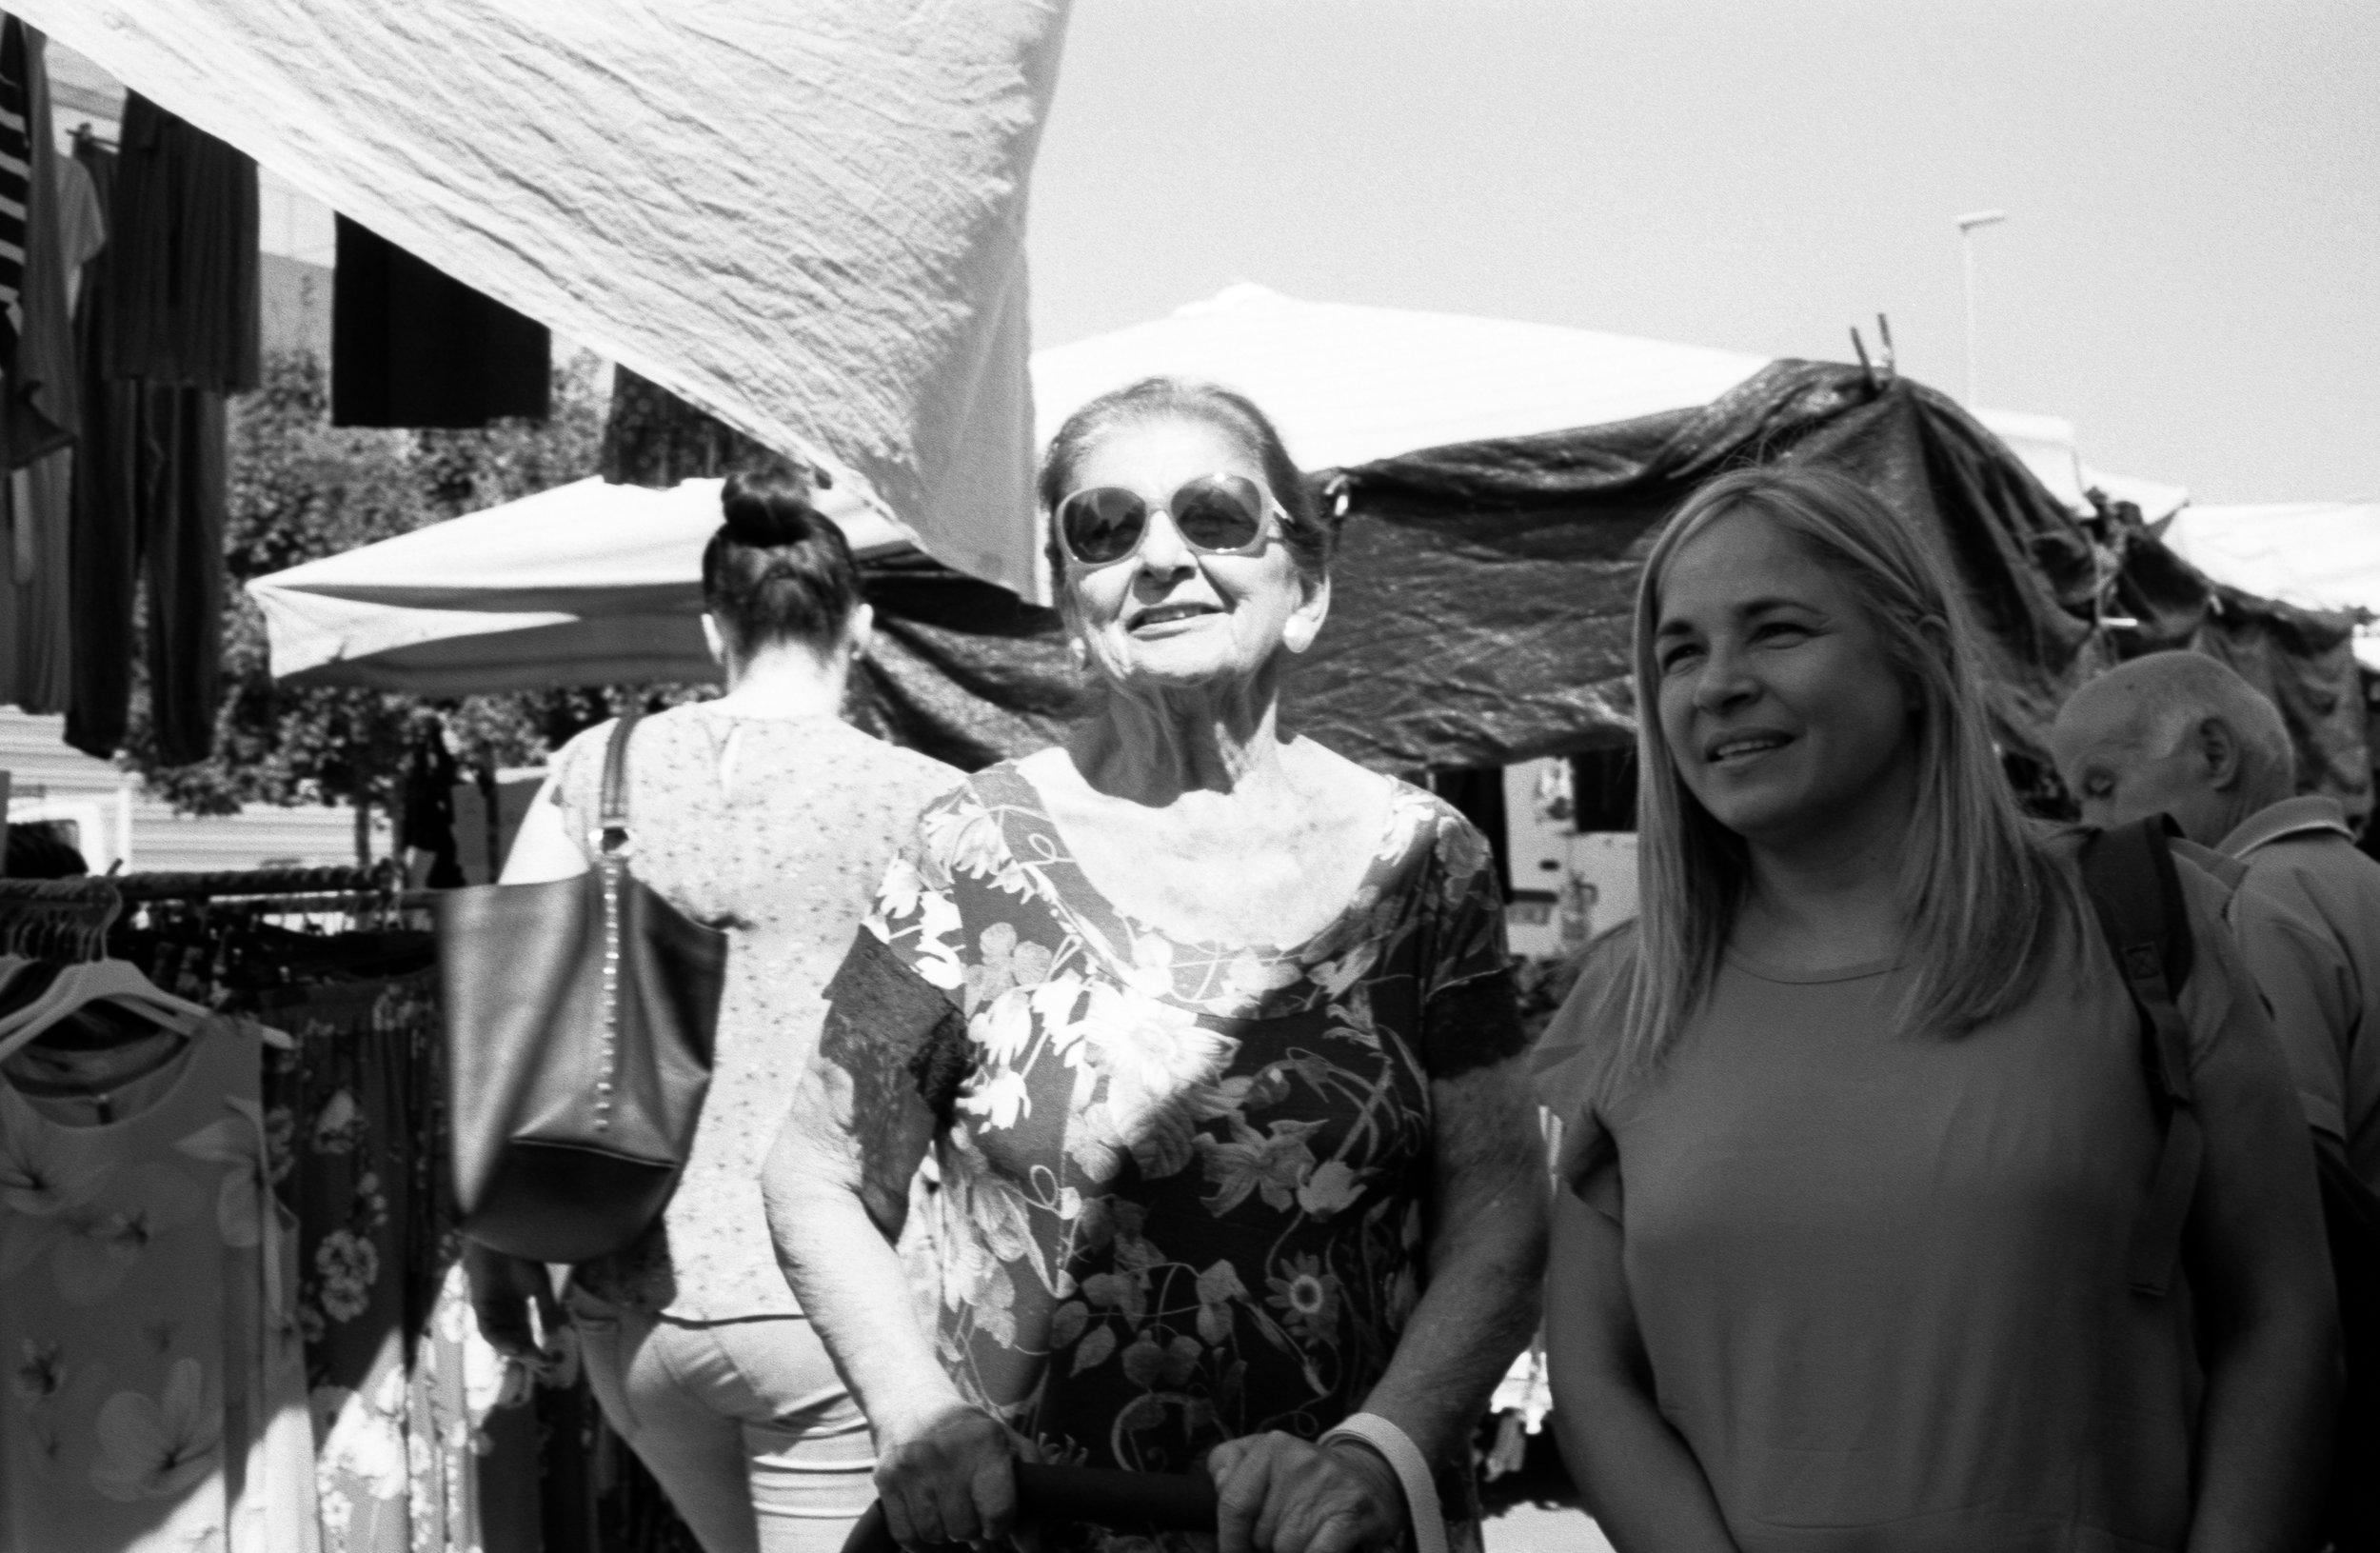 Market day, Certaldo. Italy. 2019.